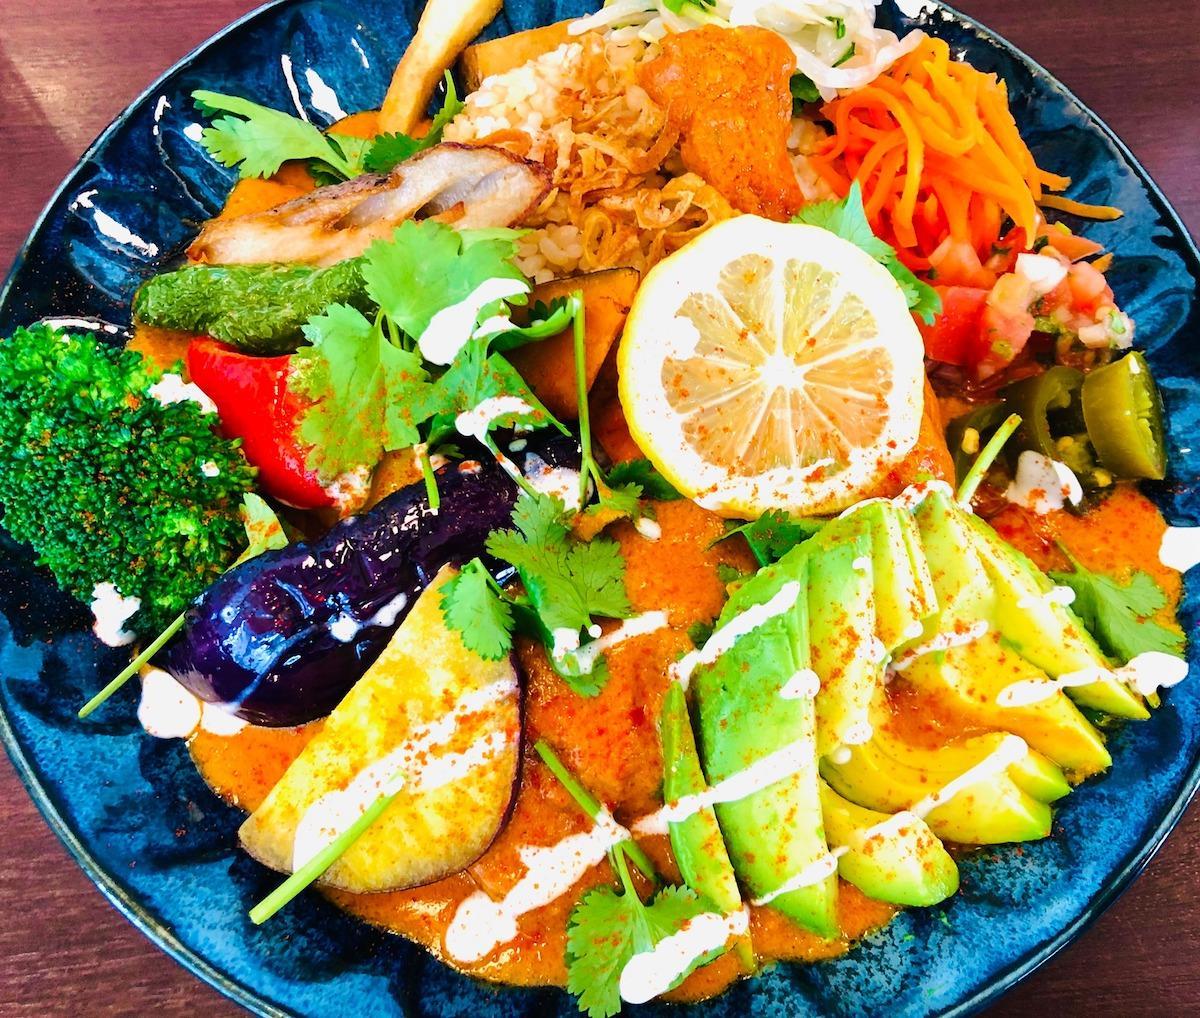 「アボカドチキンレッグカレー+1日分の野菜」